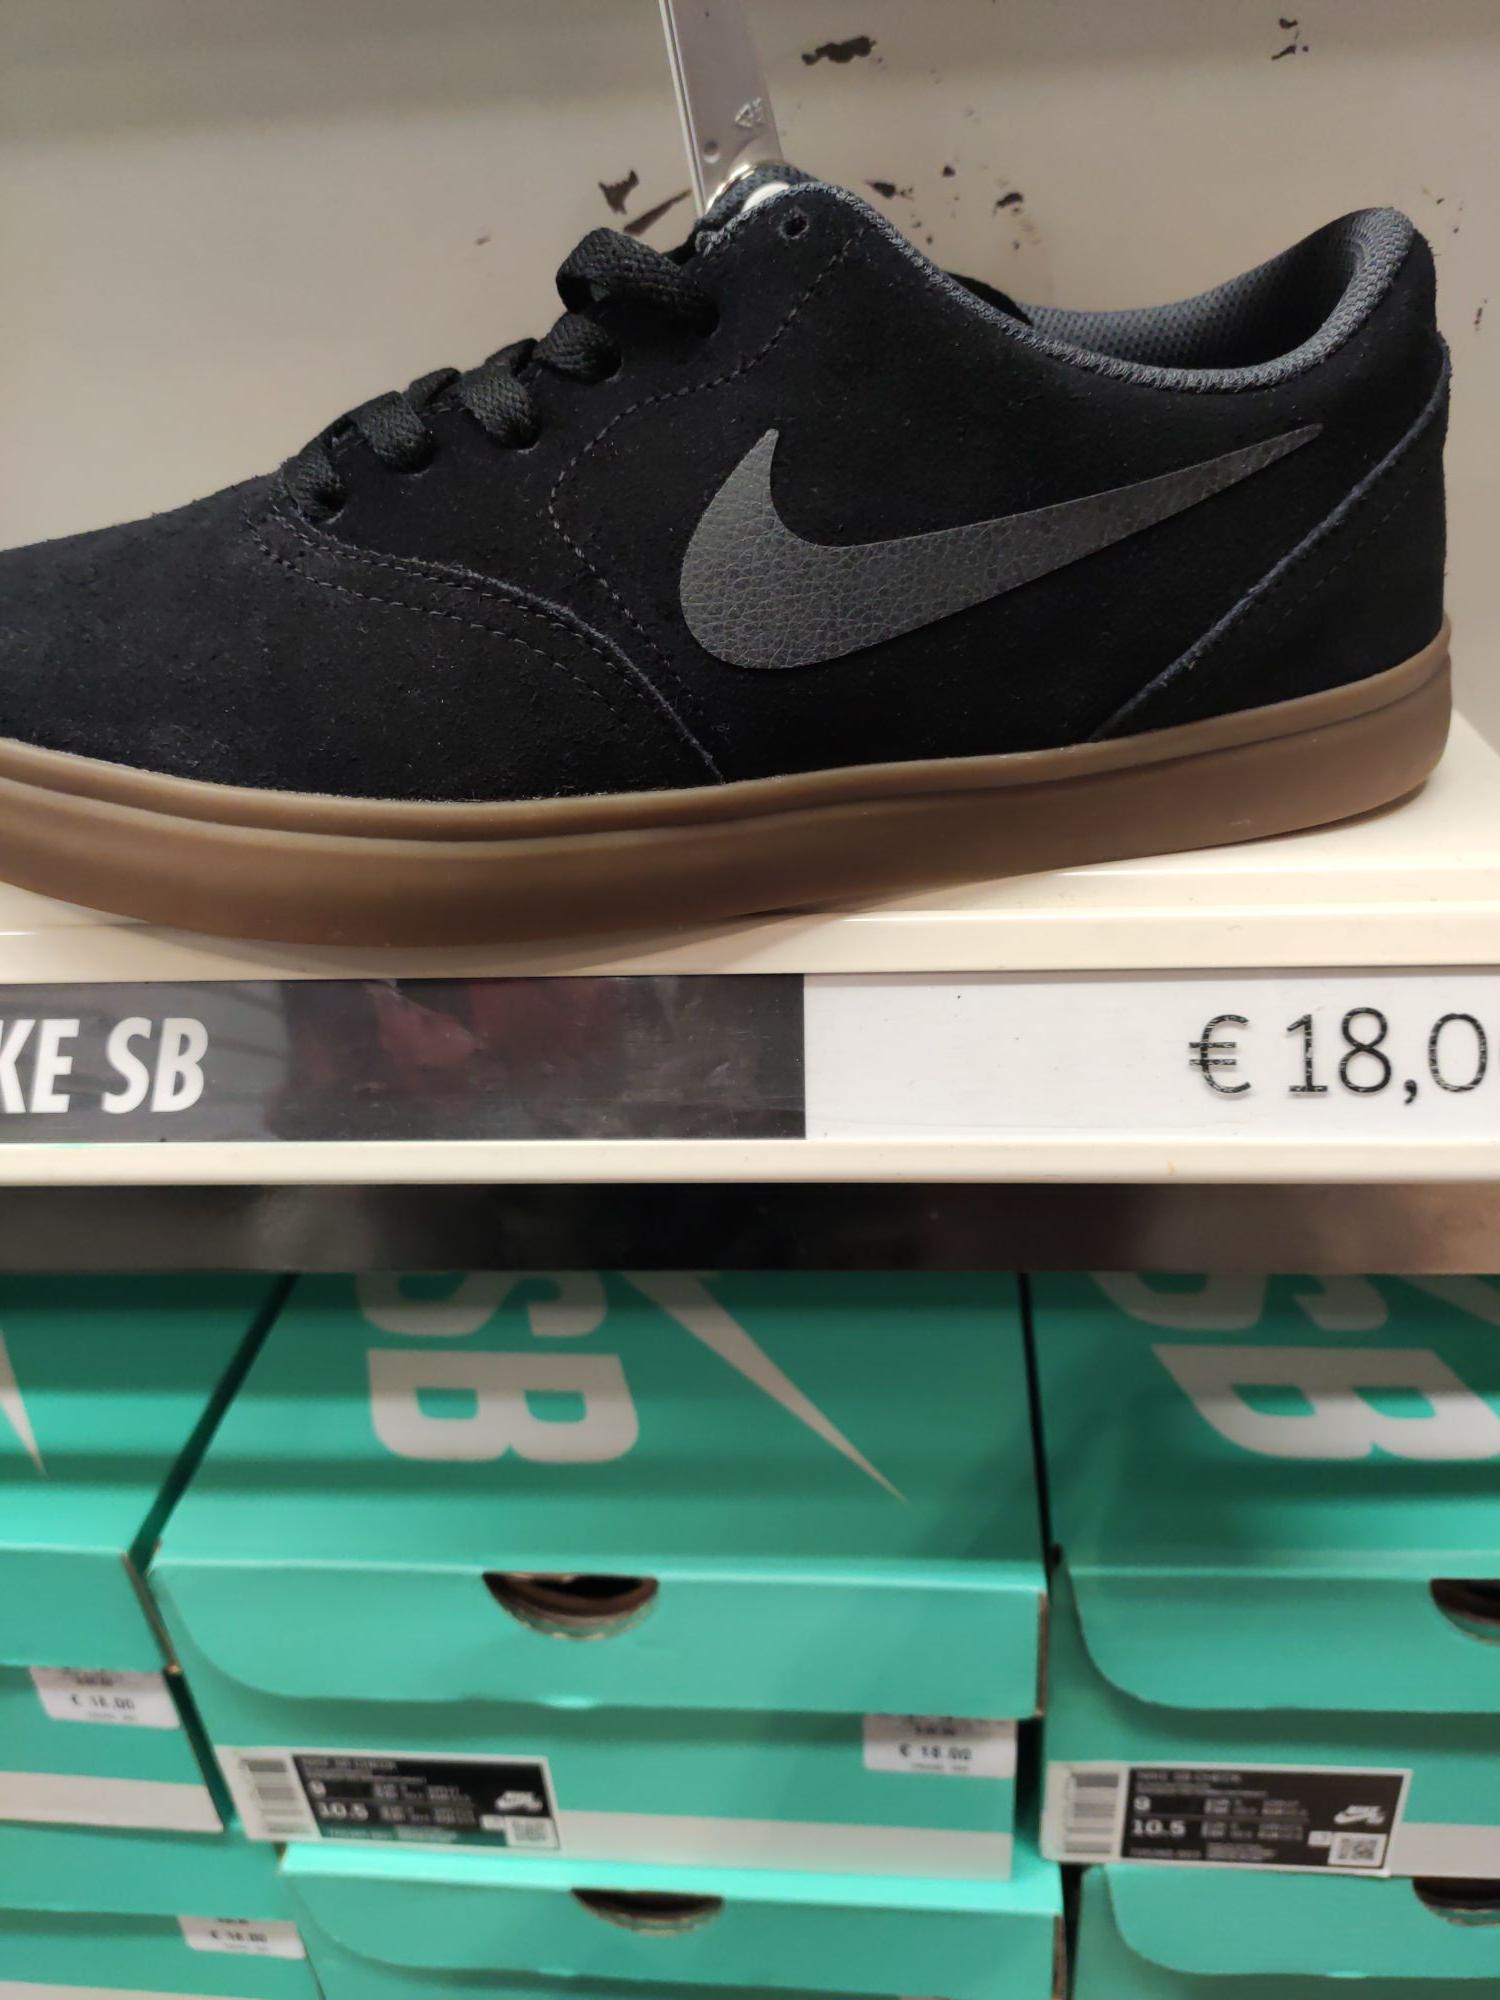 Baskets basses Nike SB - Tailles 40 à 43, Noir - Nike Factory Store Bègles / Saint-Denis (33/93)